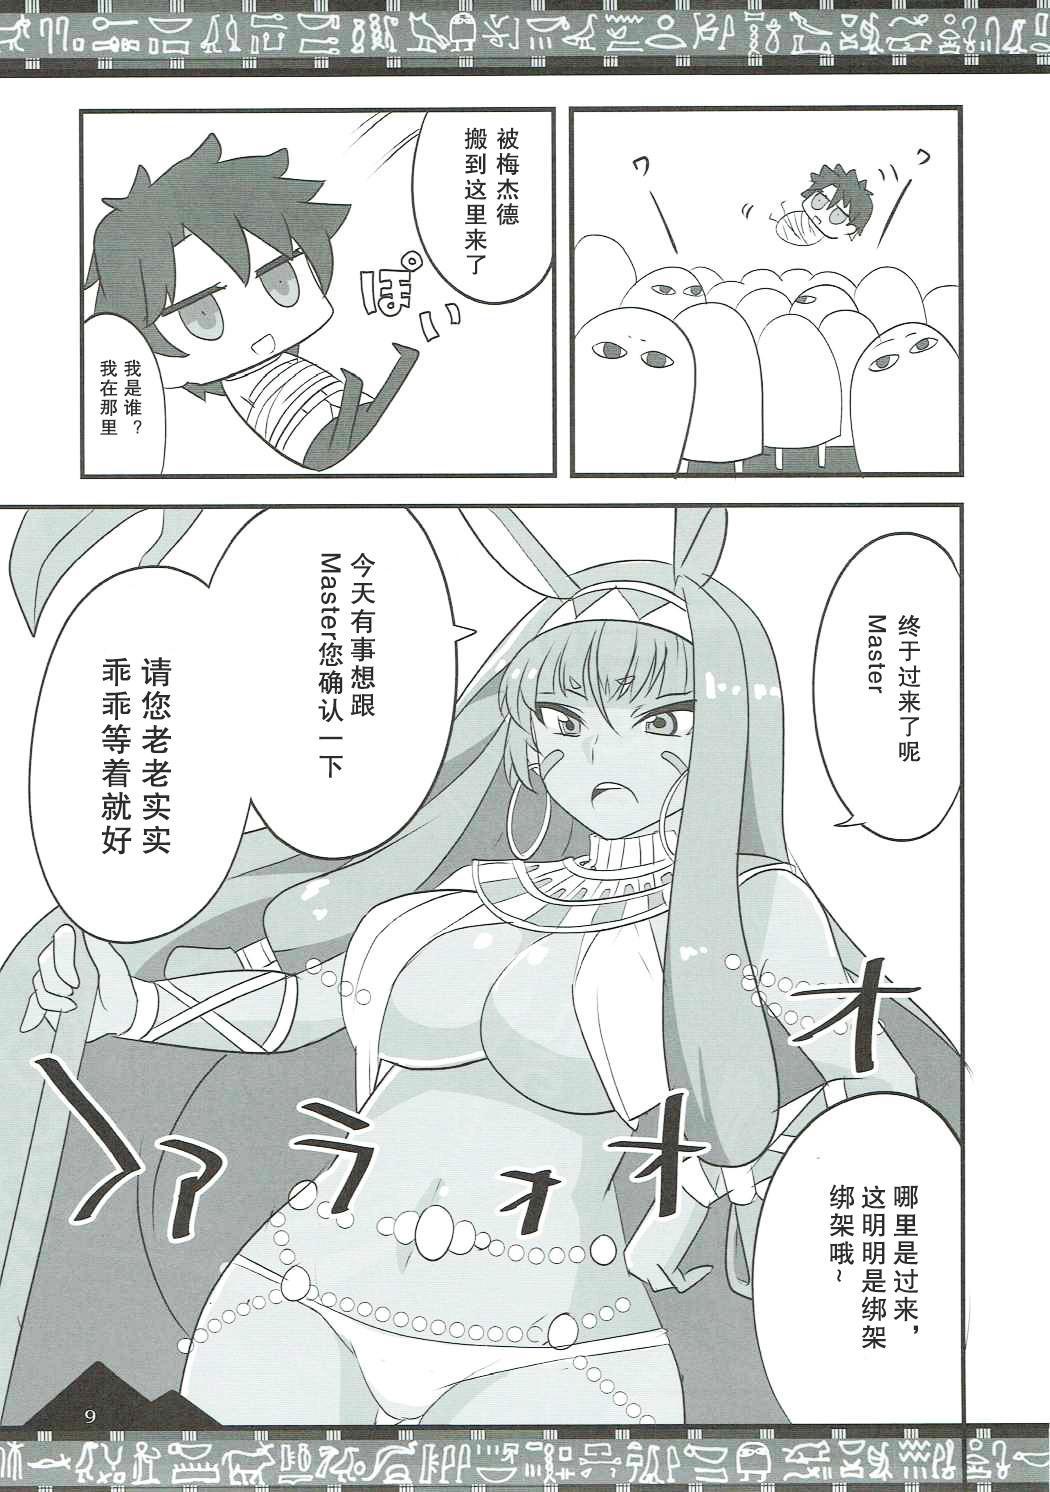 Osuki ni Demasei! | 如君所愿DE MA SEI! 8